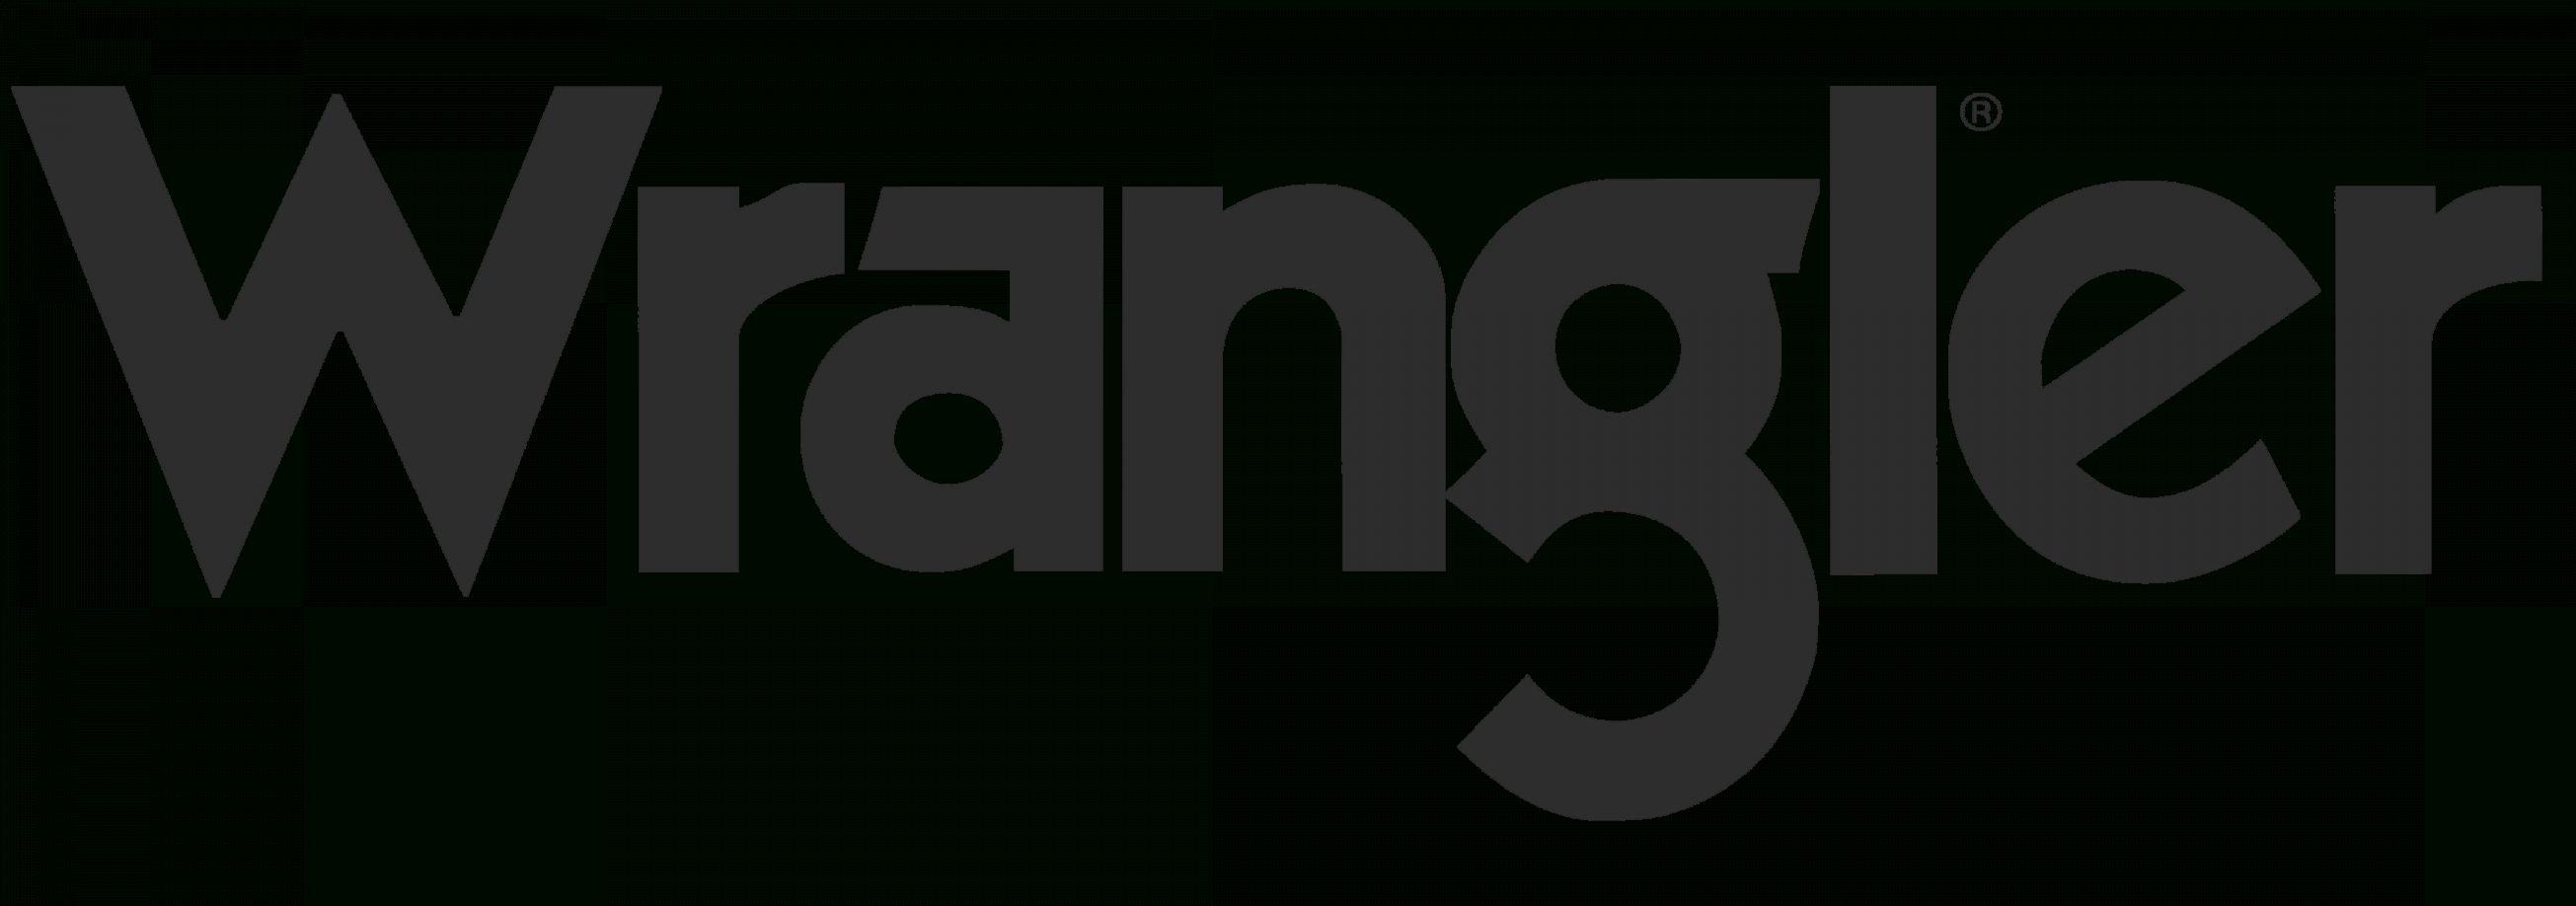 17 Logo Wrangler Png Logos Wrangler Gaming Logos